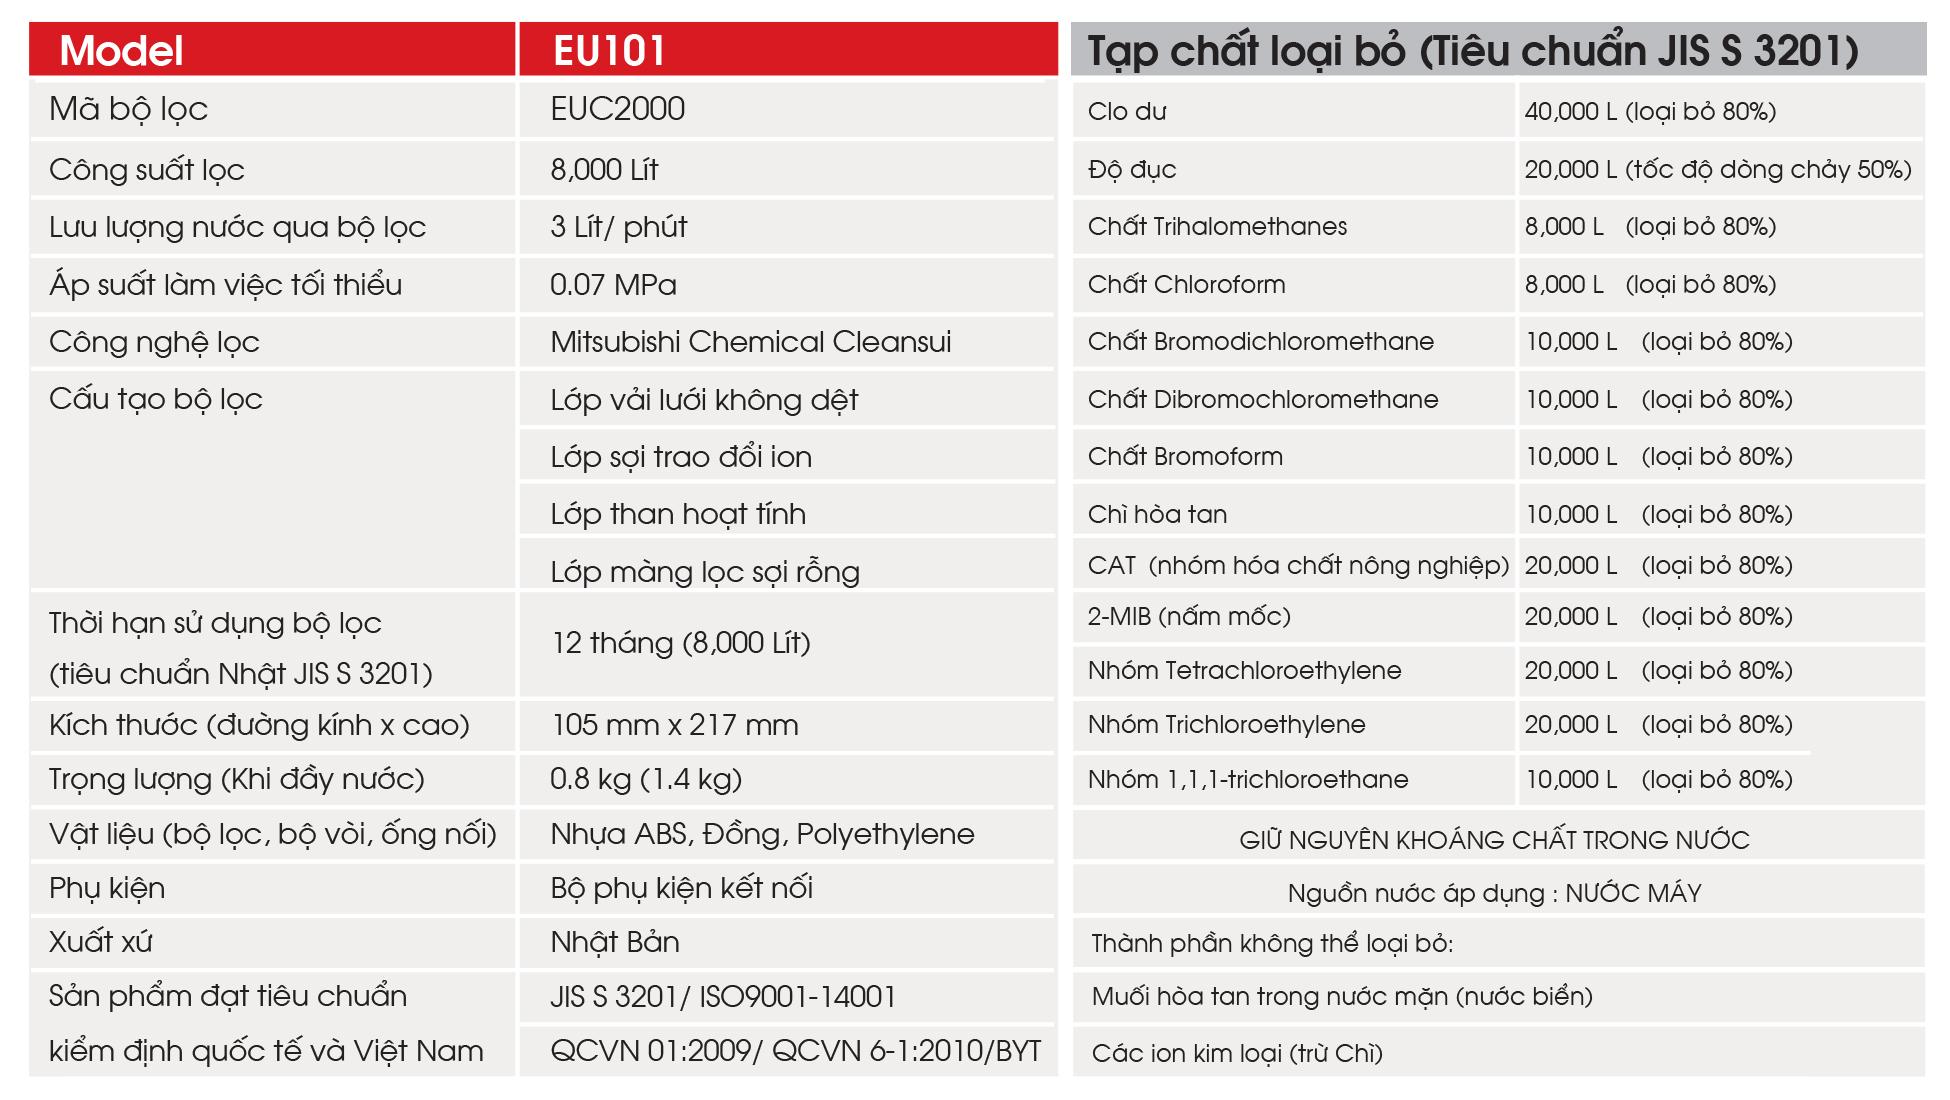 Thông số kỹ thuật của thiết bị lọc EU101